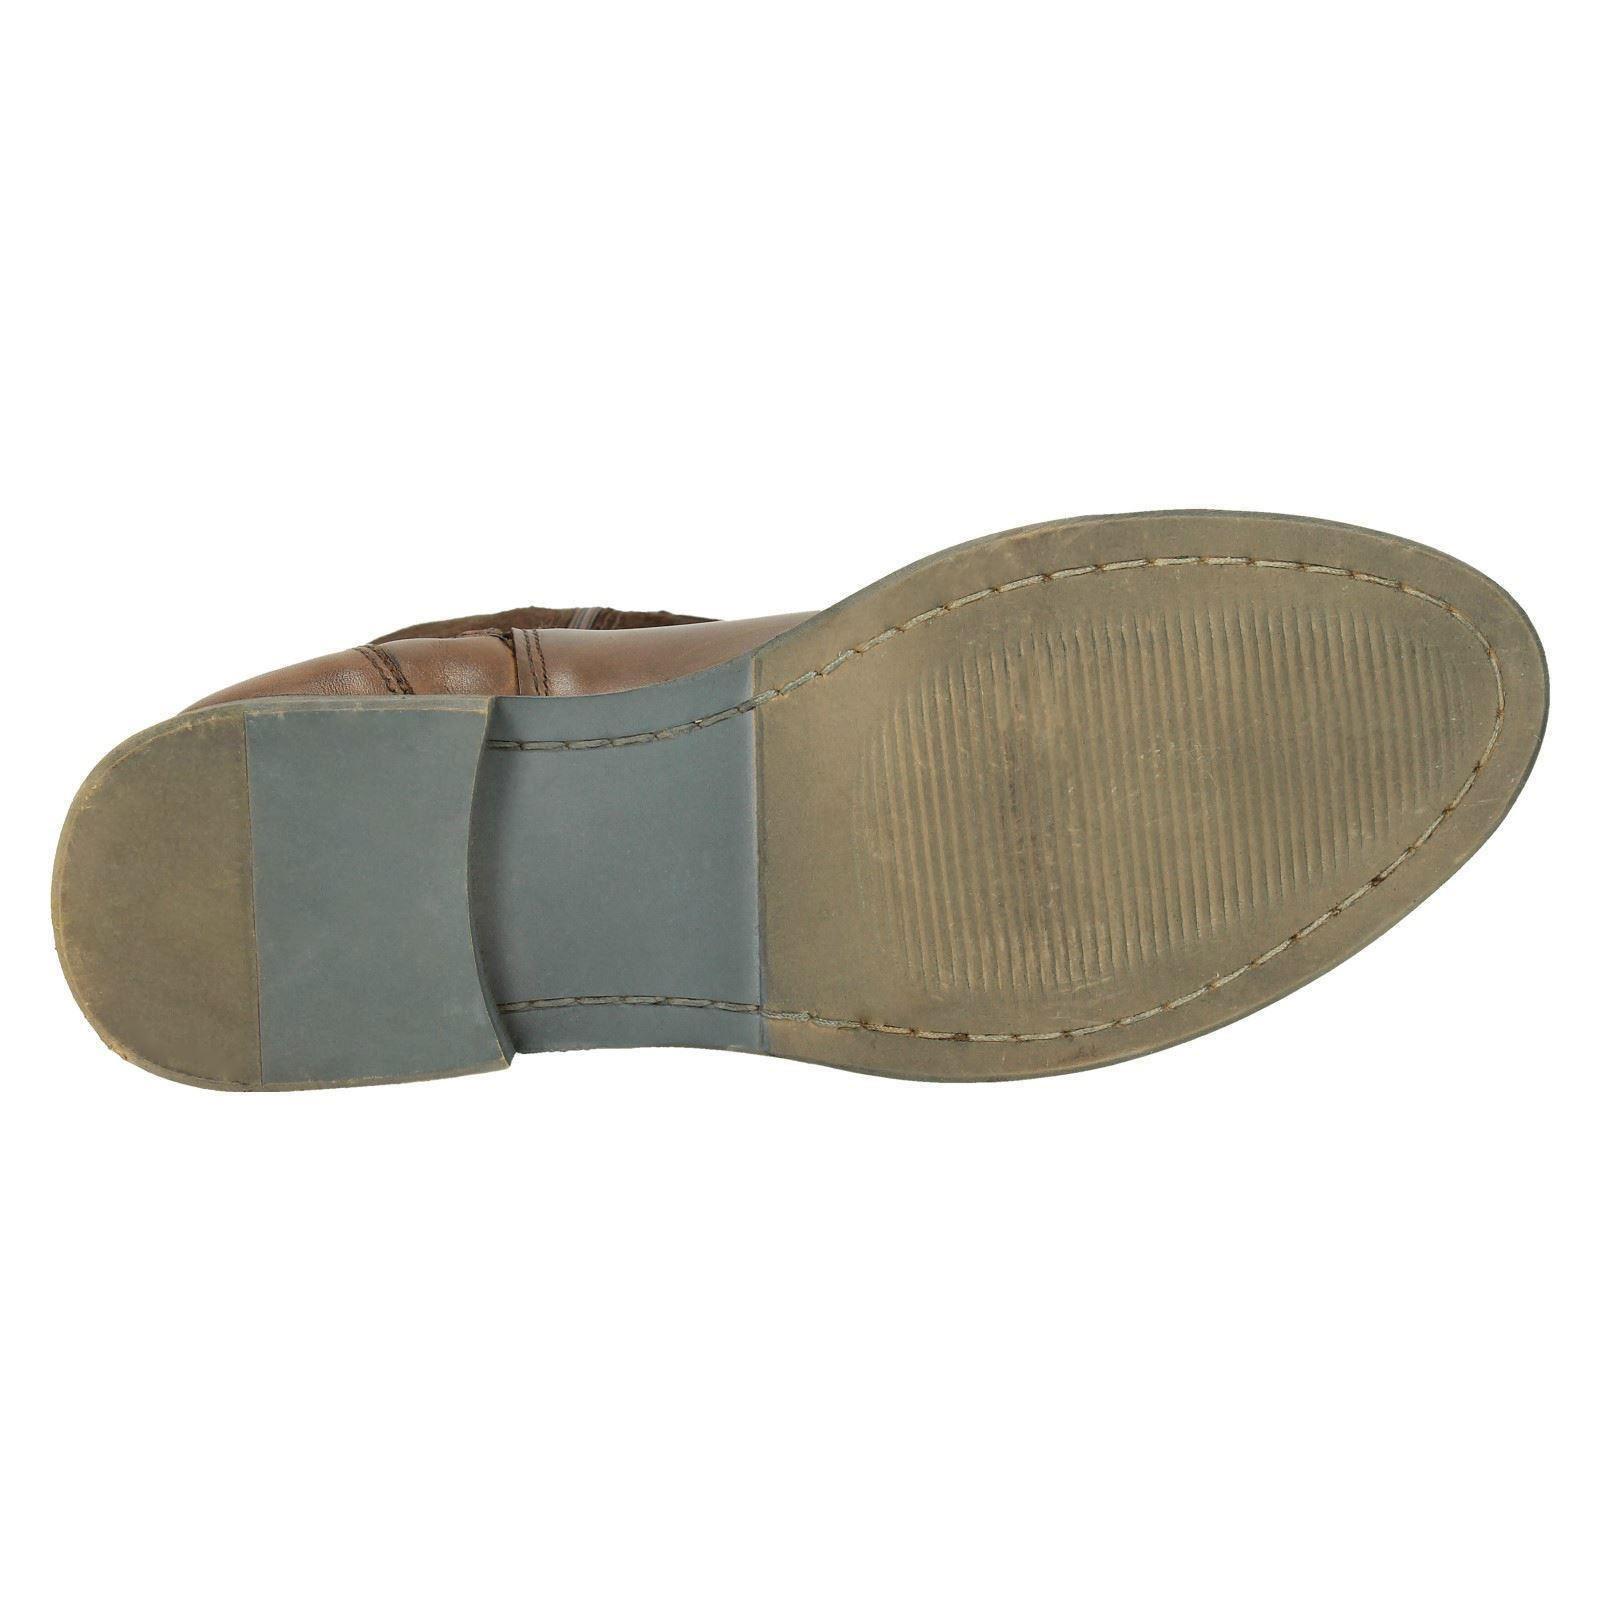 Colección de Botas cuero señoras de cremallera Sujeta la Rodilla Botas de Altas 011b49